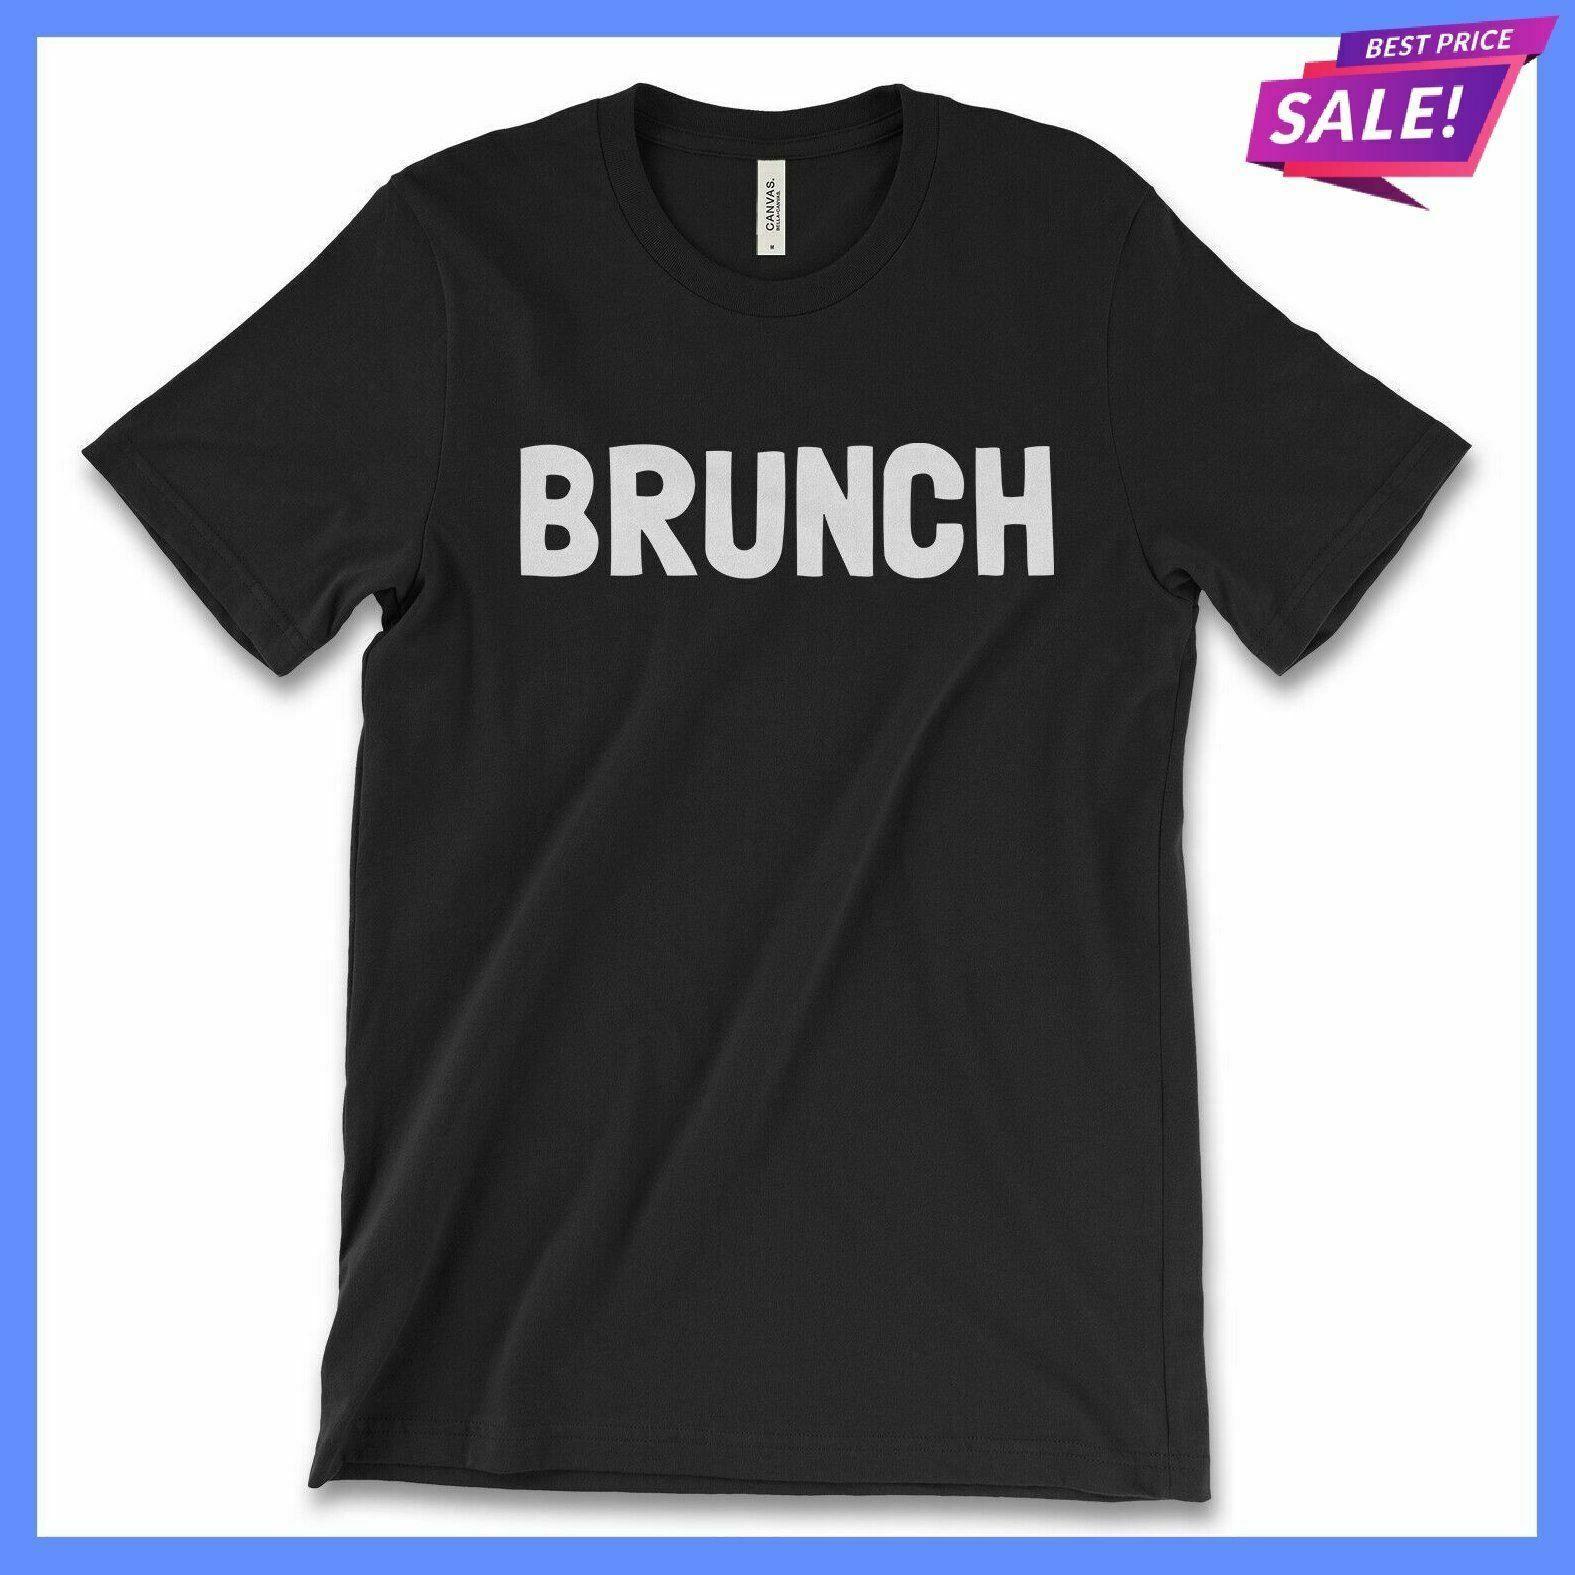 Camiseta para hombre Brunch café Club moda bloguero divertido eslogan comida adultos camiseta